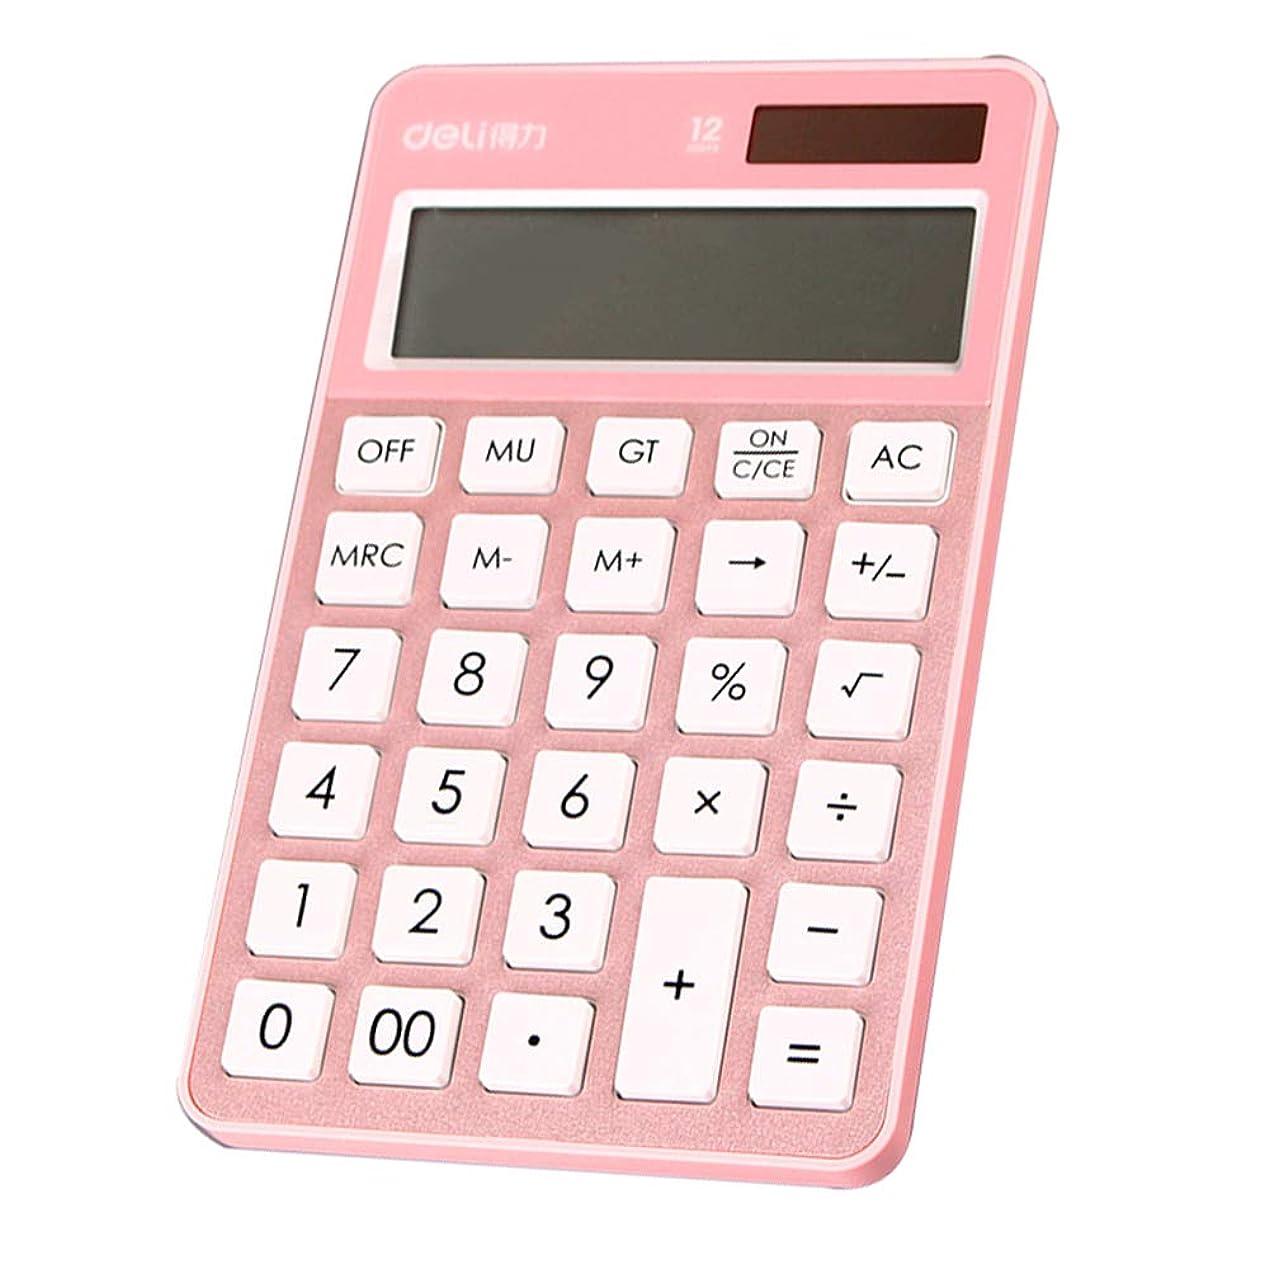 静める食物歴史オフィスの電卓、マルチカラーミニかわいい学生電卓、ソーラー財務会計計算機ZDDAB